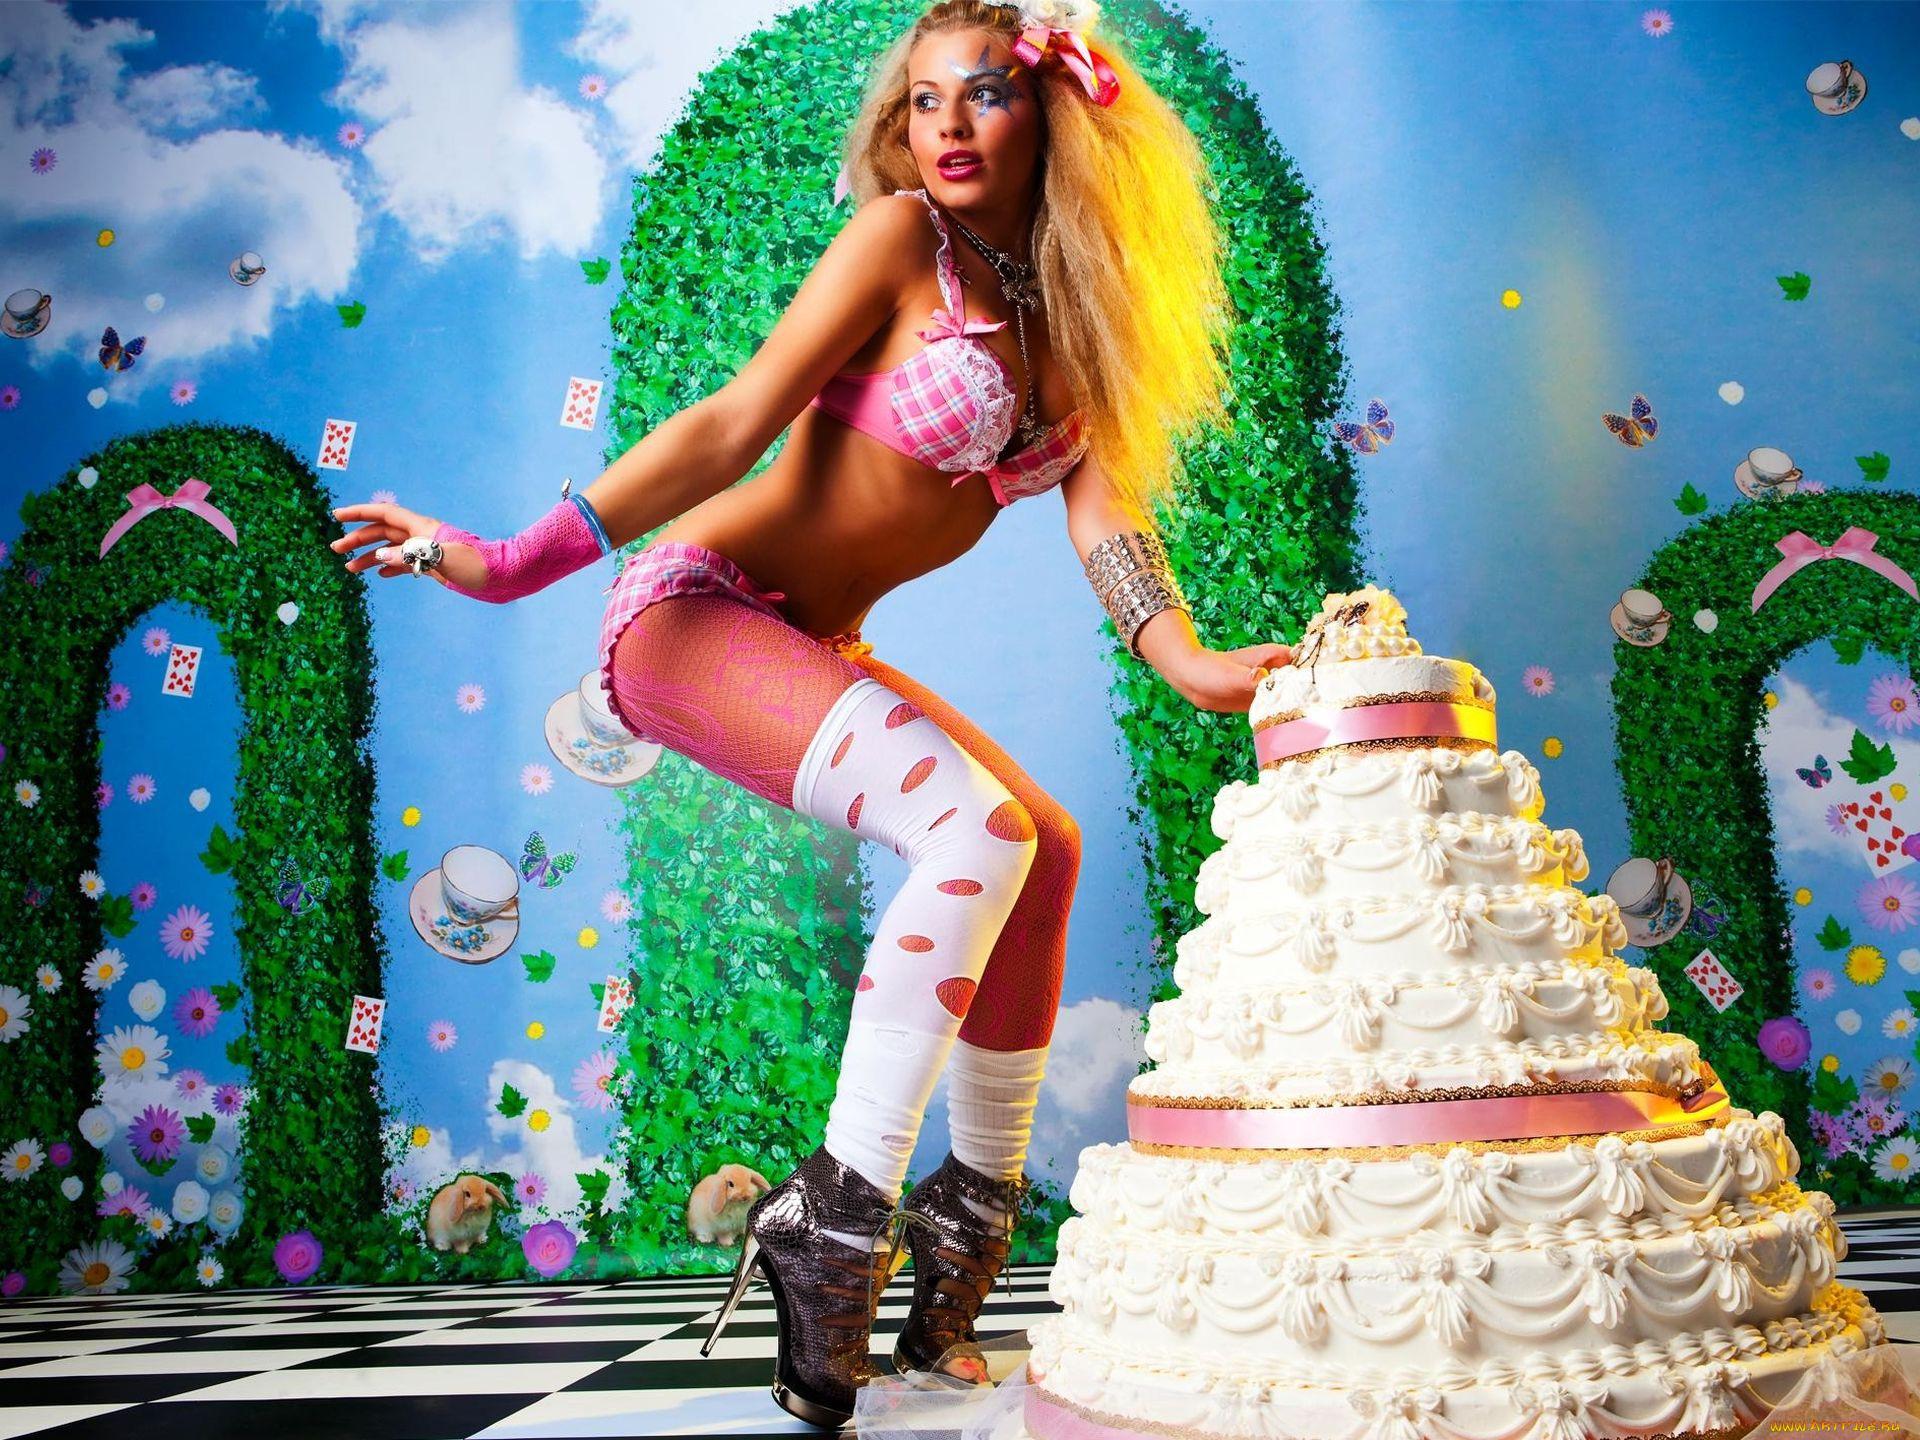 Поздравления с днем рождения девушка в торте